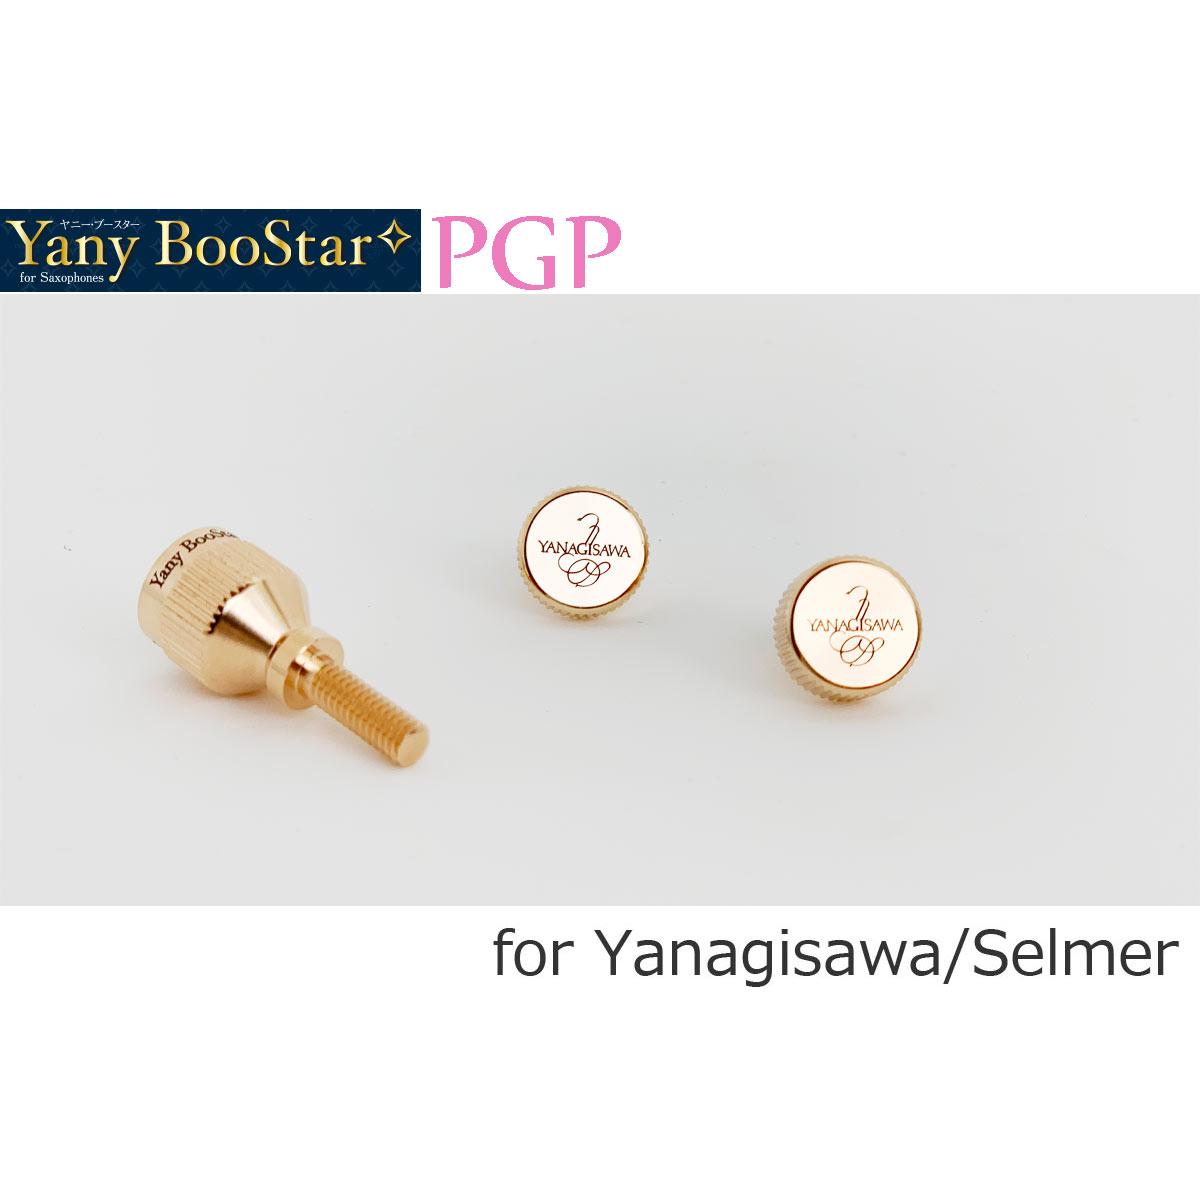 売店 あす楽365日 Yanagisawa YANYBOOSTAR ヤニーブースター ヤナギサワセルマー PGP ピンクゴールドプレート 用 ネックスクリューセット 日本産